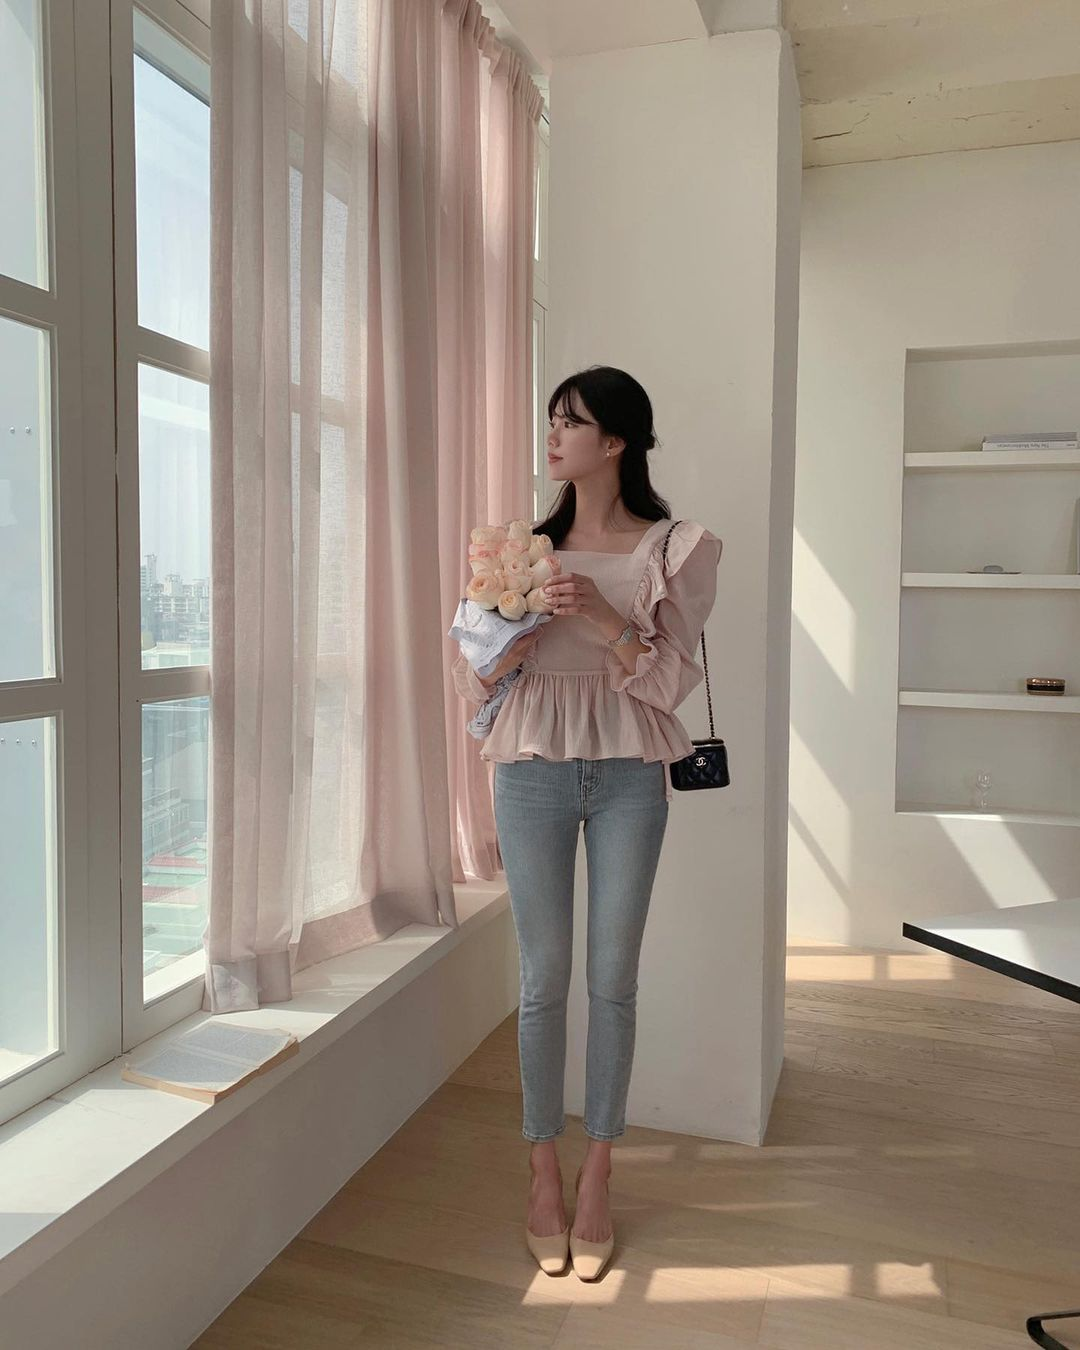 Gái Hàn có 12 cách lên đồ với áo blouse đẹp mê, xem xong là muốn copy đến sở làm liền - Ảnh 2.